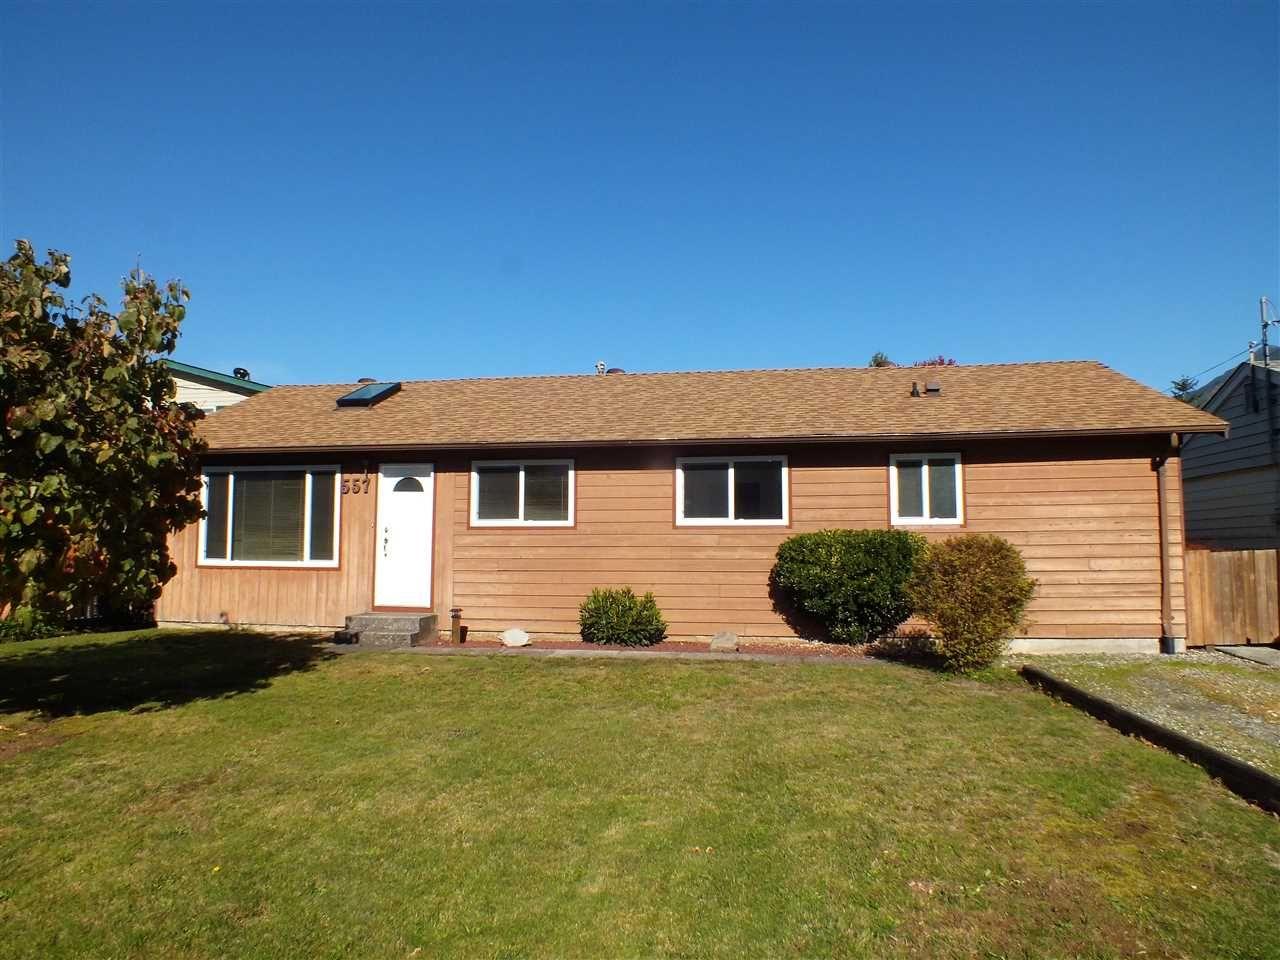 Main Photo: 557 RUPERT Street in Hope: Hope Center House for sale : MLS®# R2414830